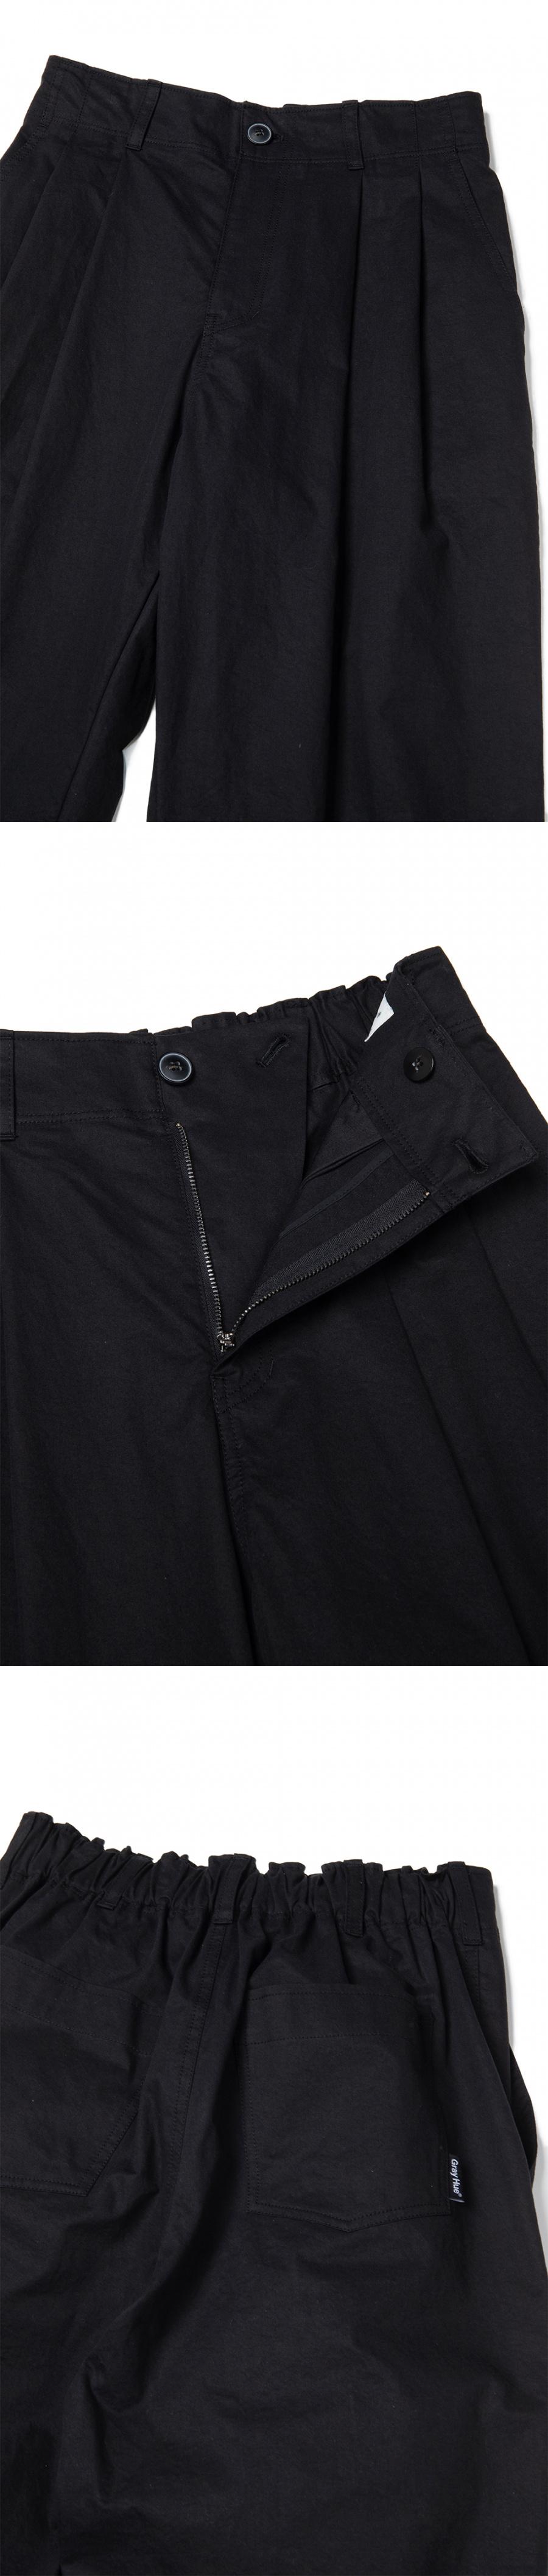 그레이휴(GRAY HUE) Wide Banding Pants black G9M4P331 99